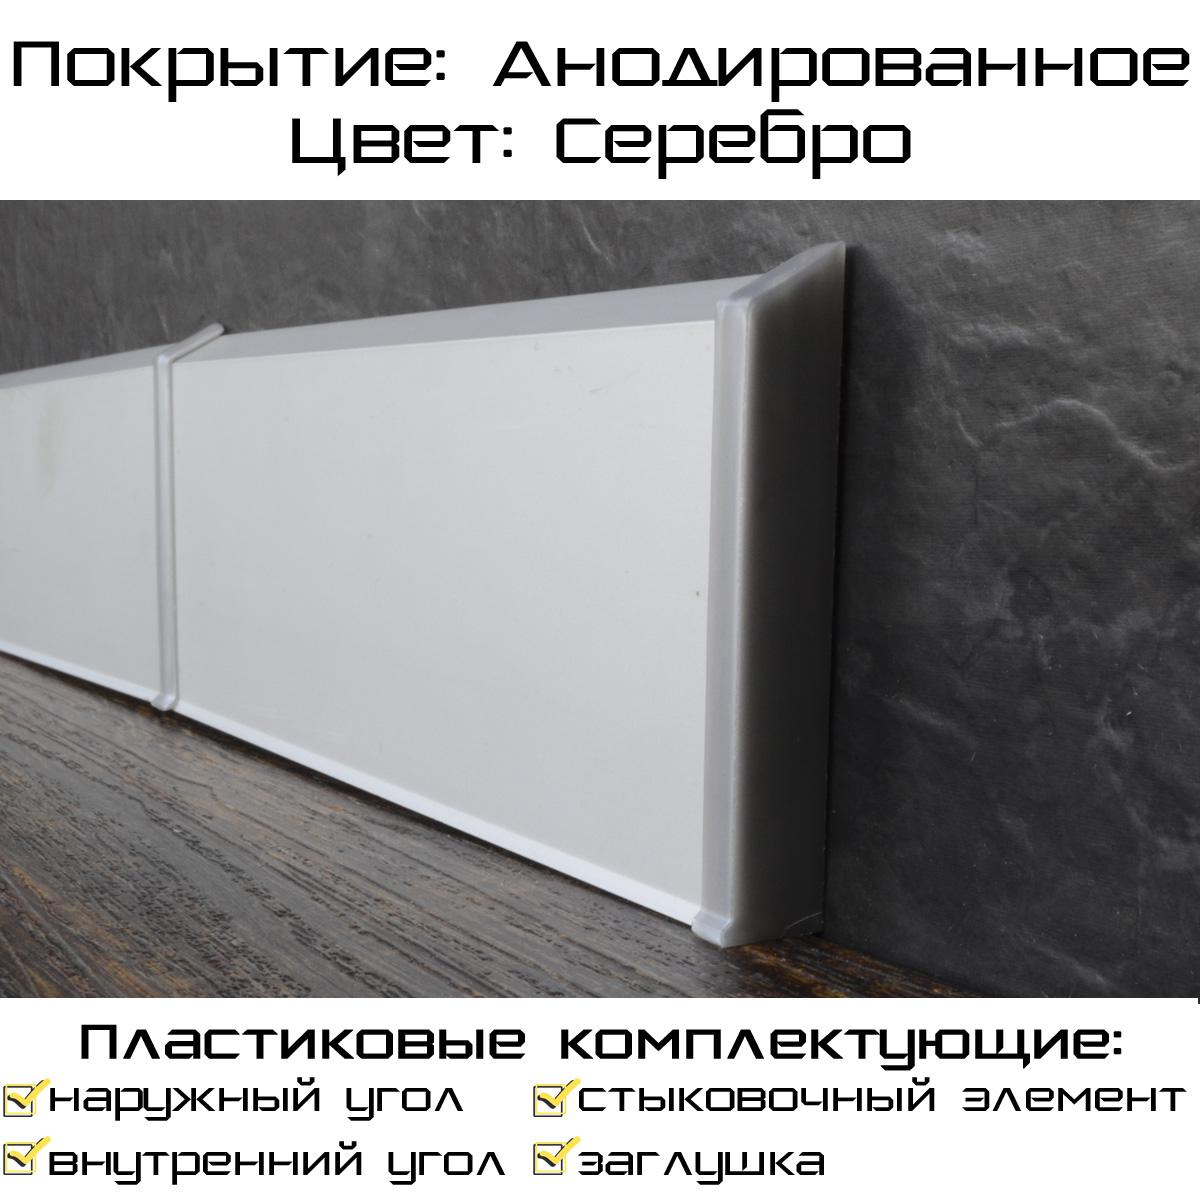 https://www.e-t1.ru/images/upload/70_clips(2).JPG